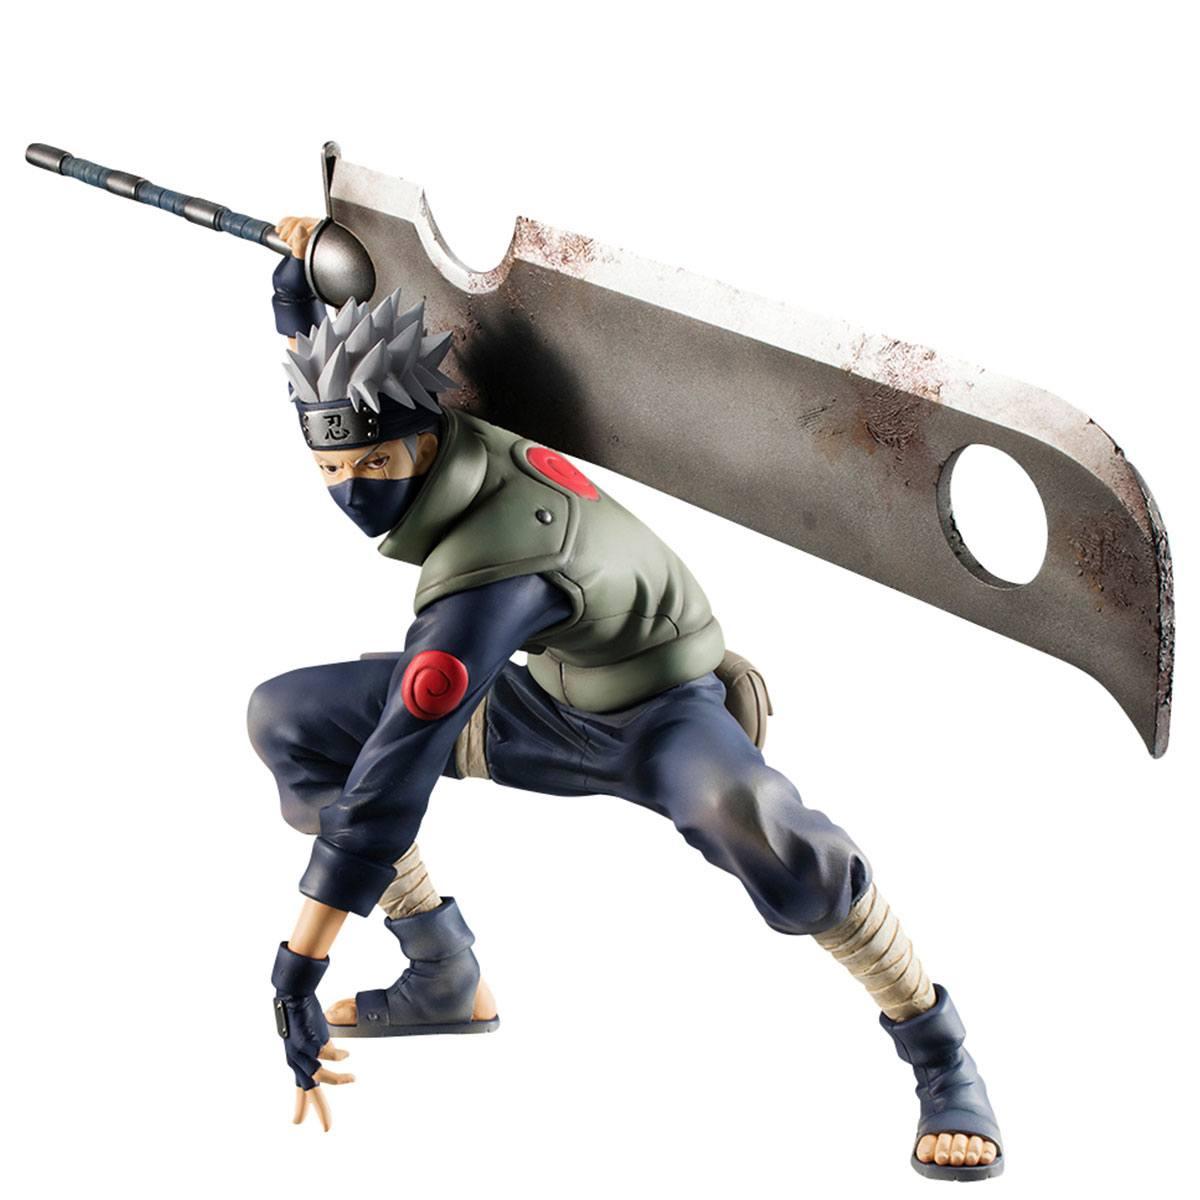 Naruto Shippuden G.E.M. Series PVC Statue 1/8 Hatake Kakashi Ver. Ninkaitaisen 15 cm